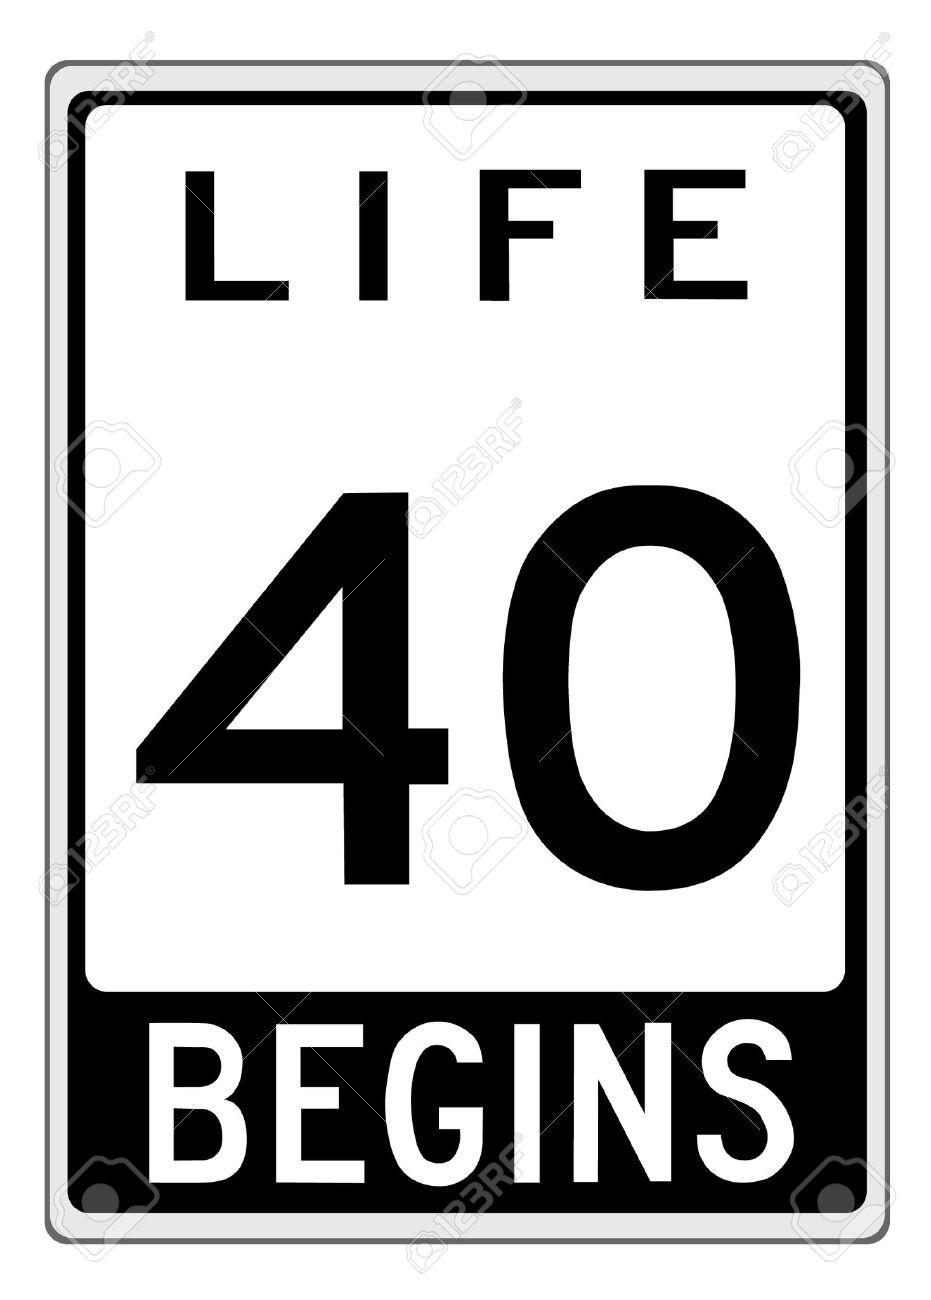 人生 40 ty で始まります 道路標識の例としてサイン ロイヤリティ